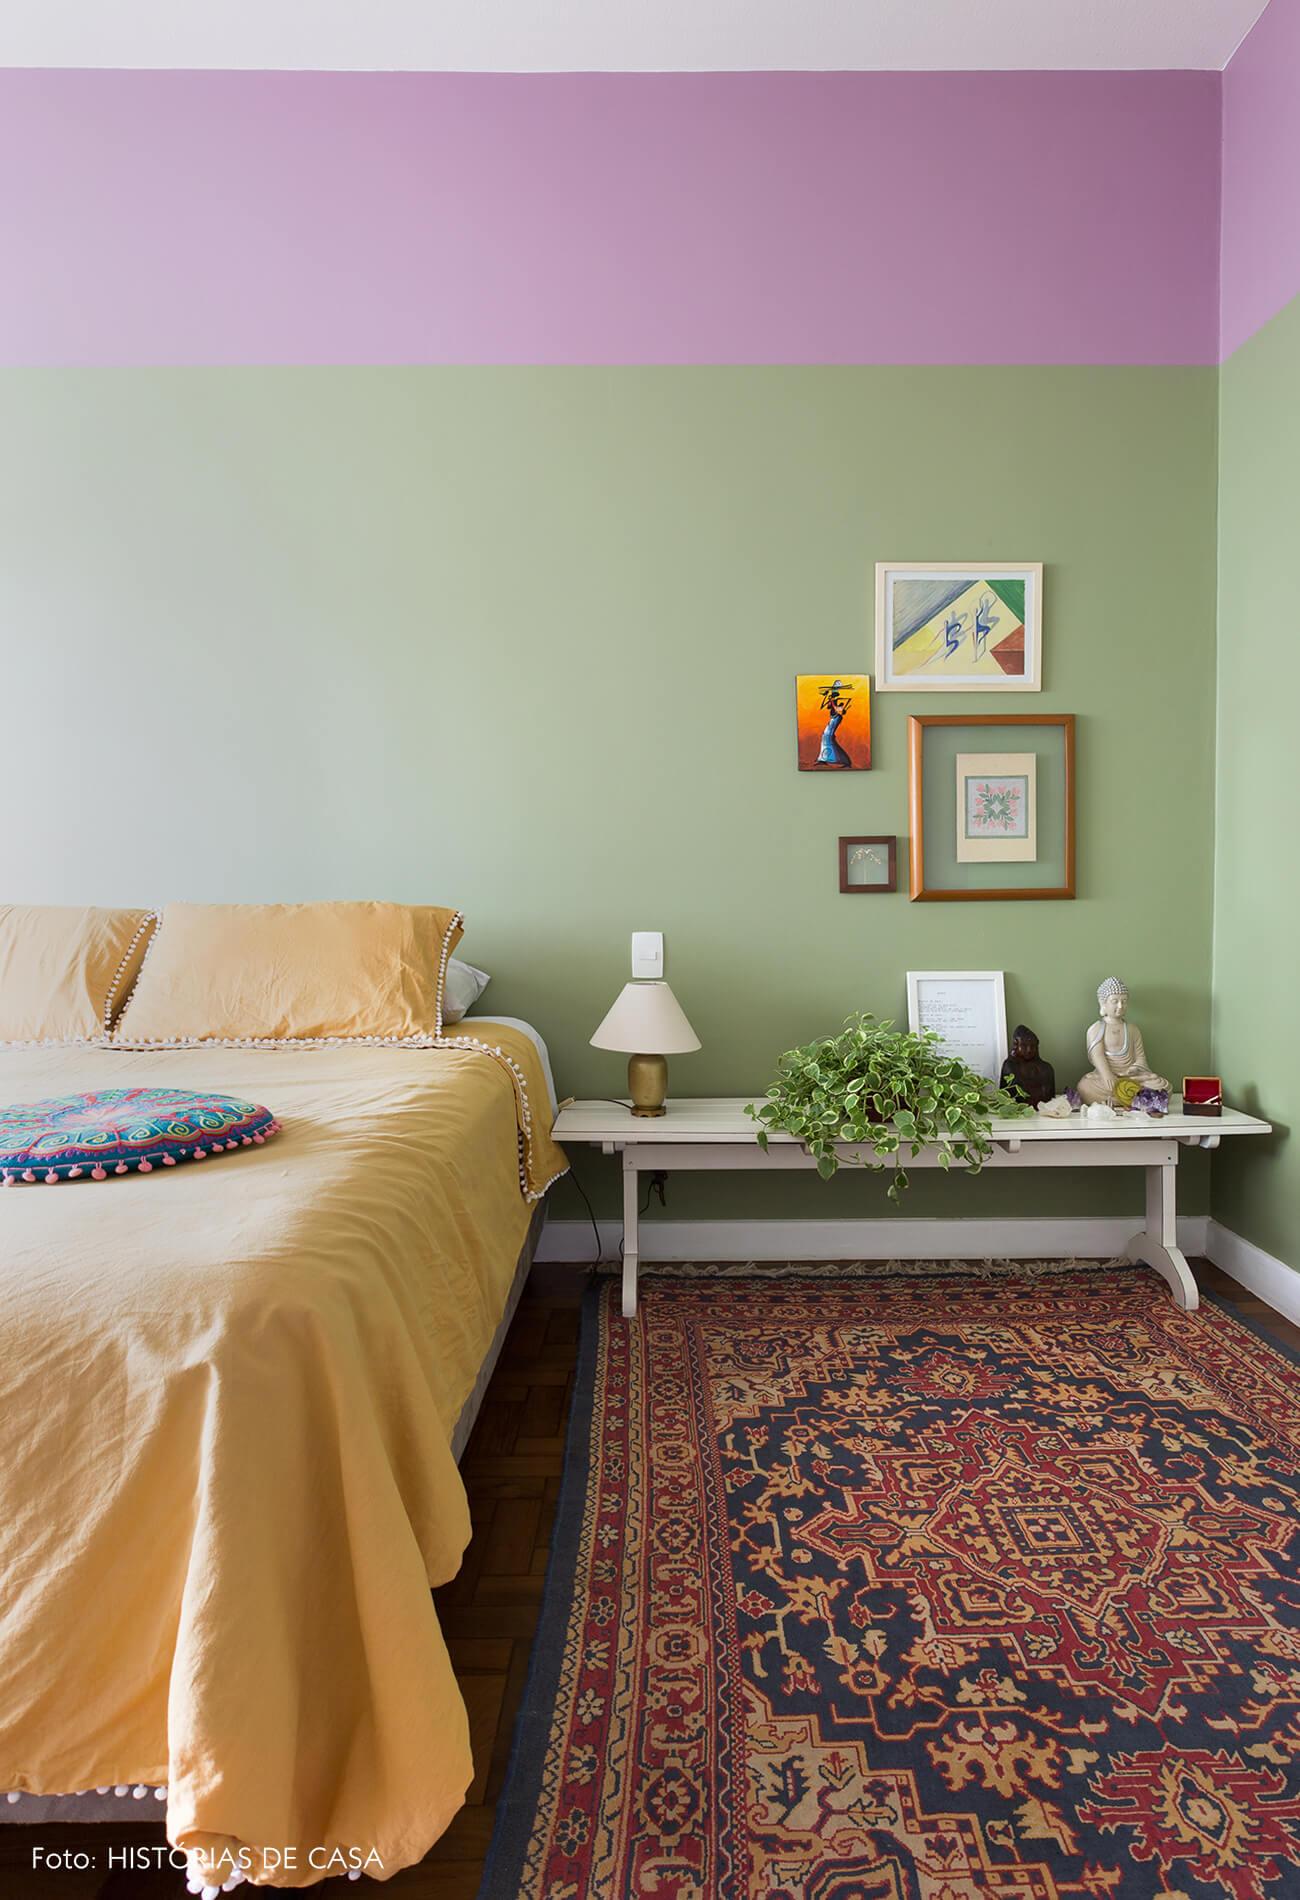 decoração quarto com parede verde e roxa, e altar em banco de madeira branca